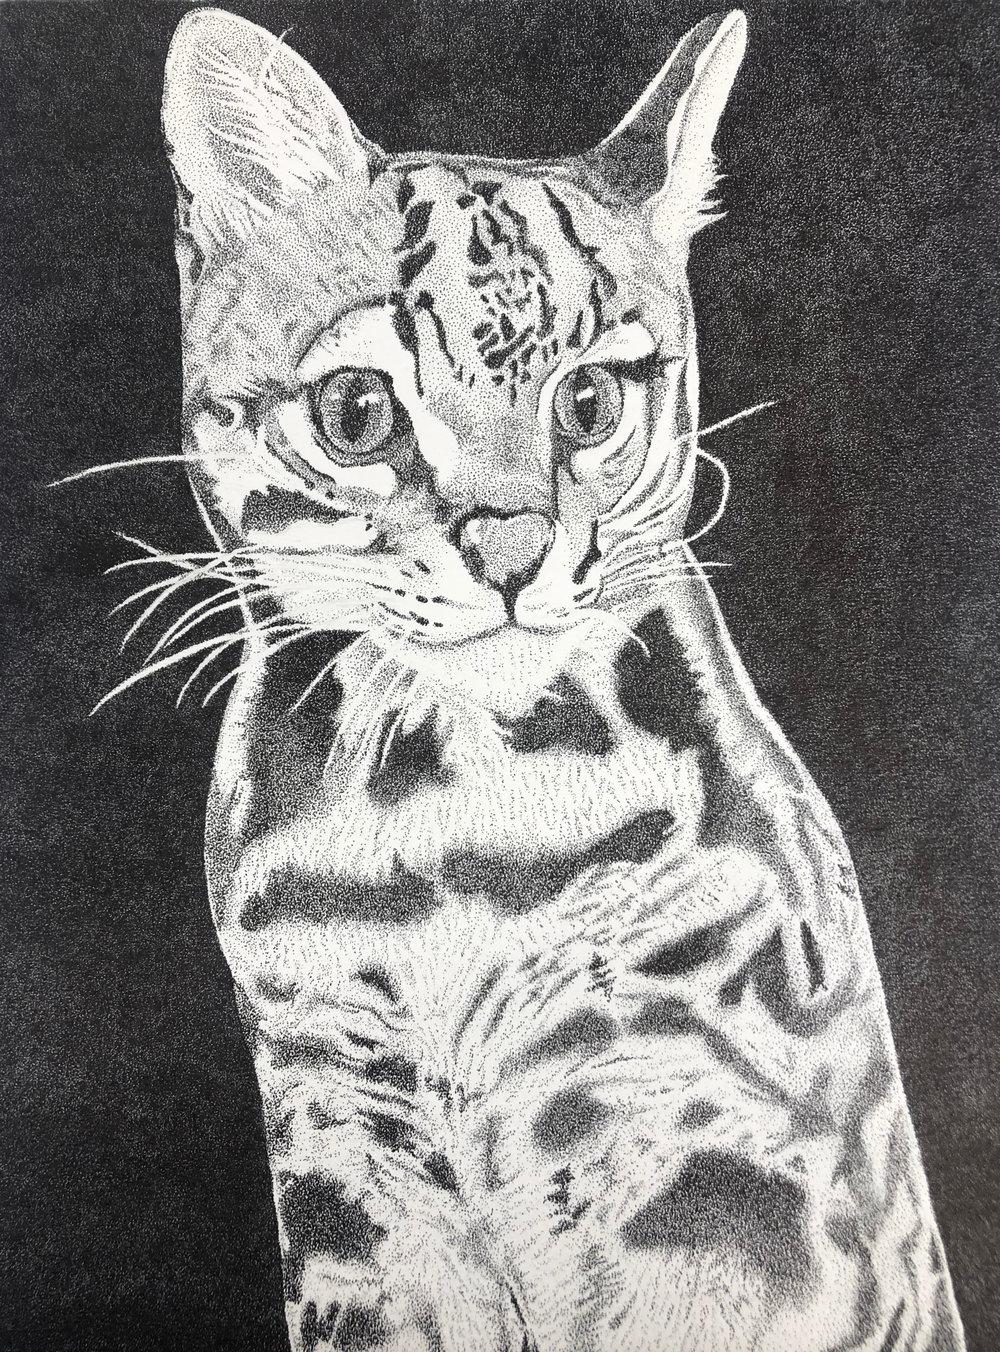 Krys-Ha-Ocelot-Illustration.jpg